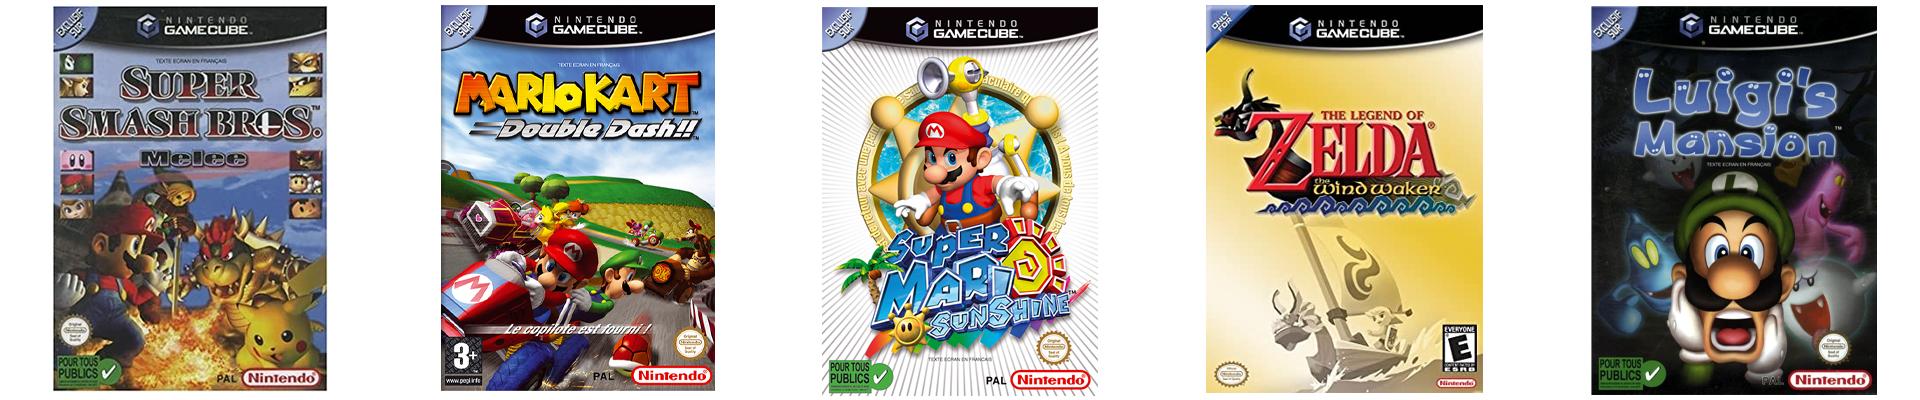 Top 5 Jeux Gamecube